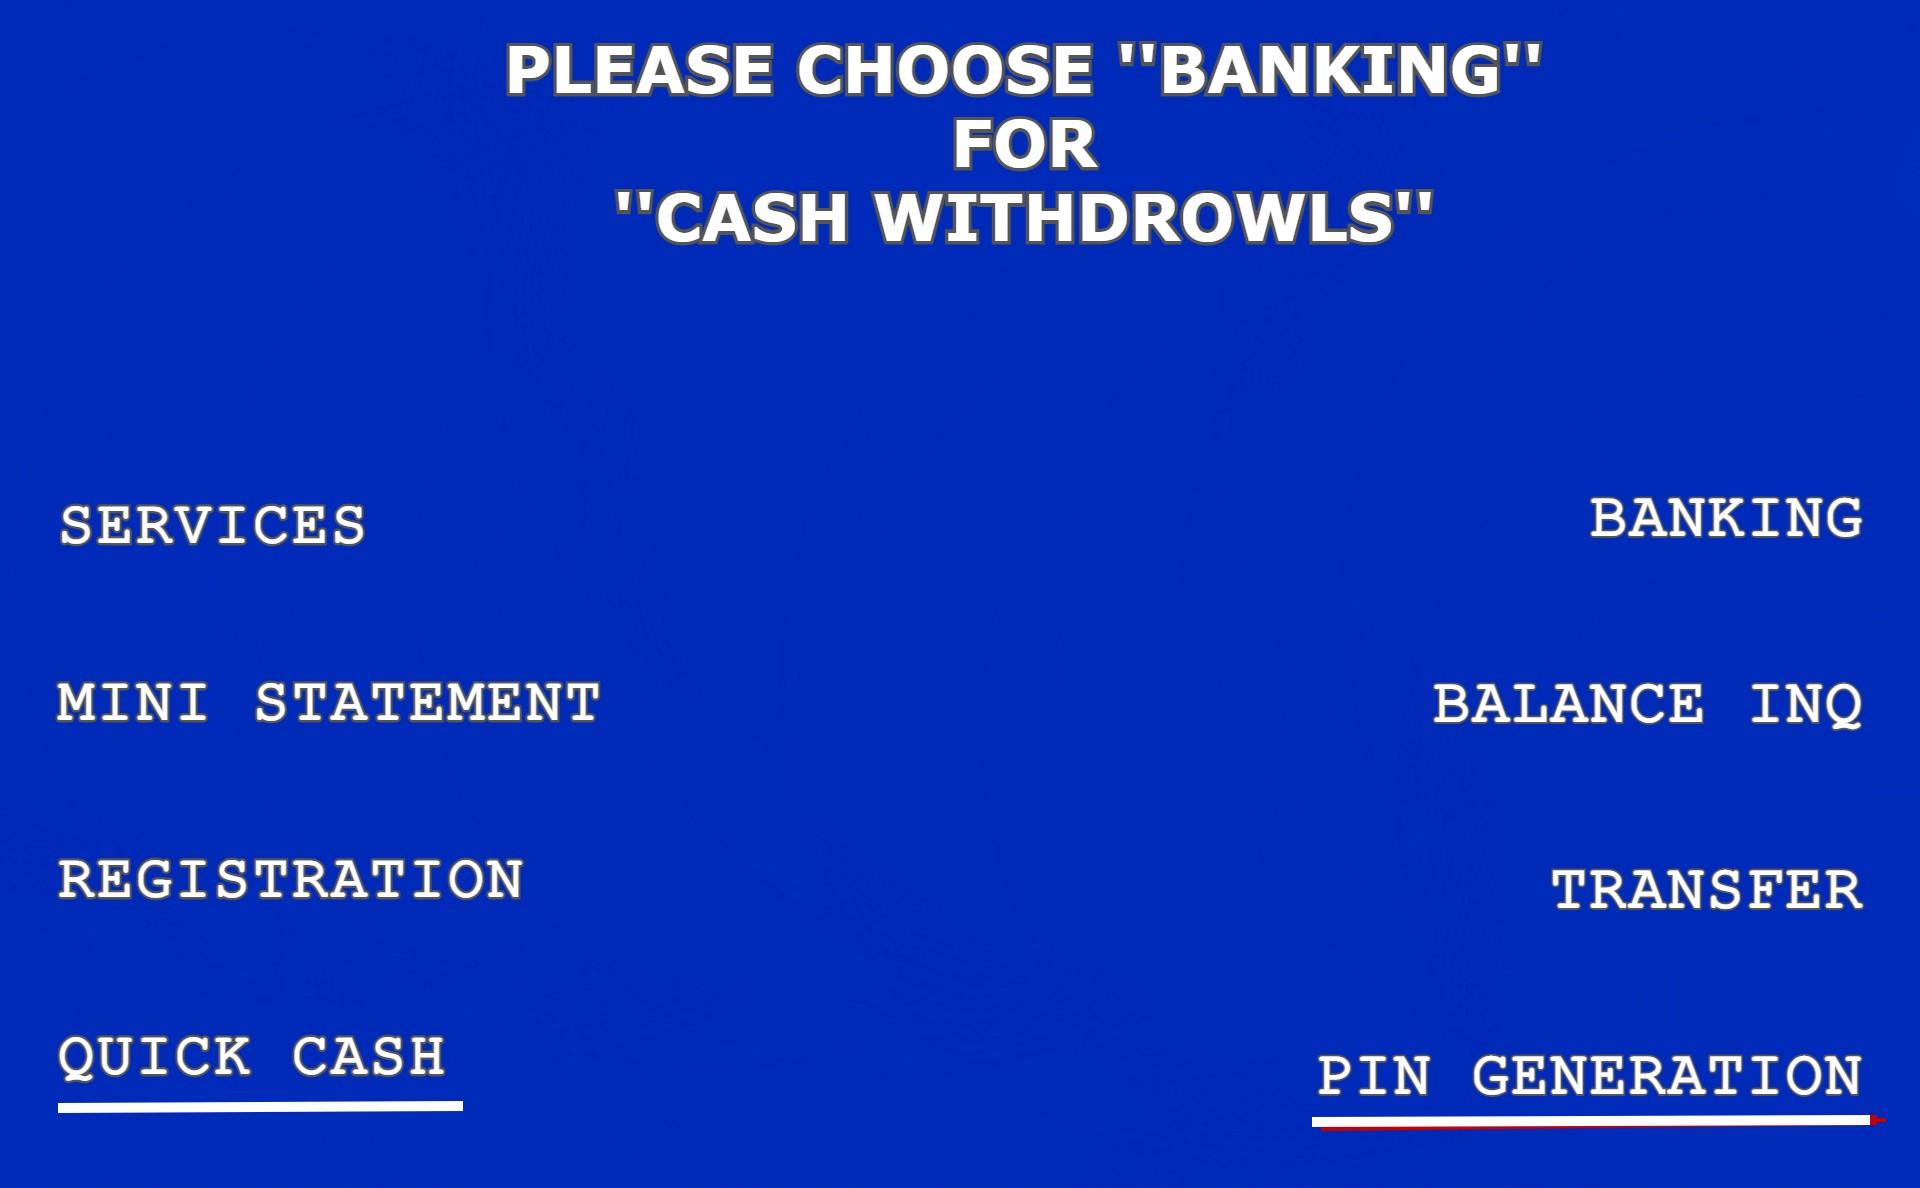 ATM Machine के माध्यम से पिन जनरेट कैसे करे